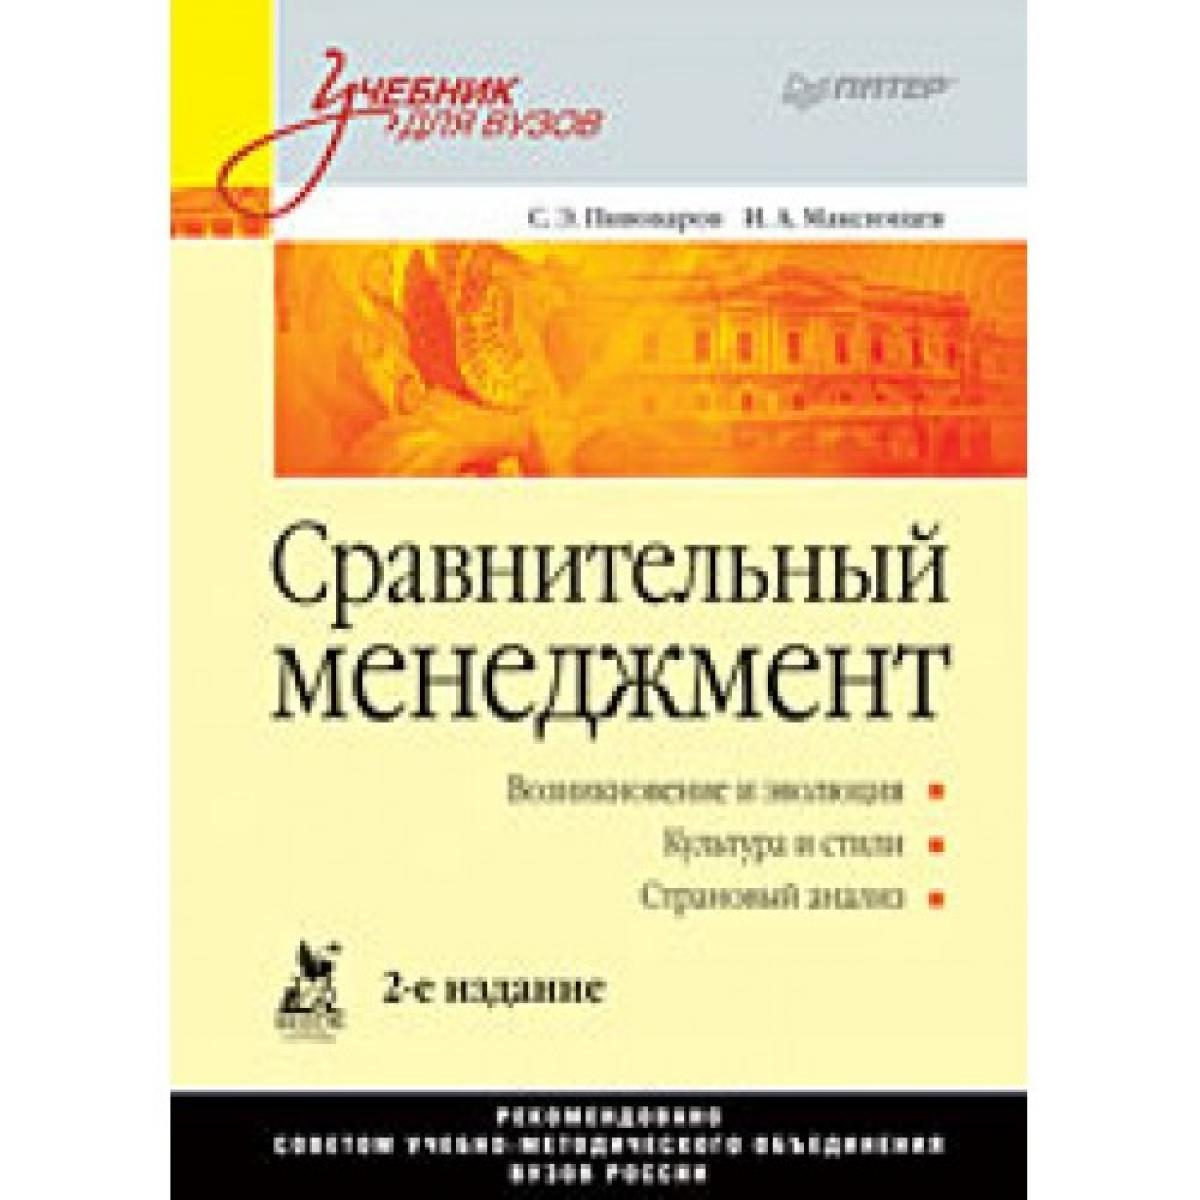 Обложка книги:  фатхутдинов р.а. - инновационный менеджмент